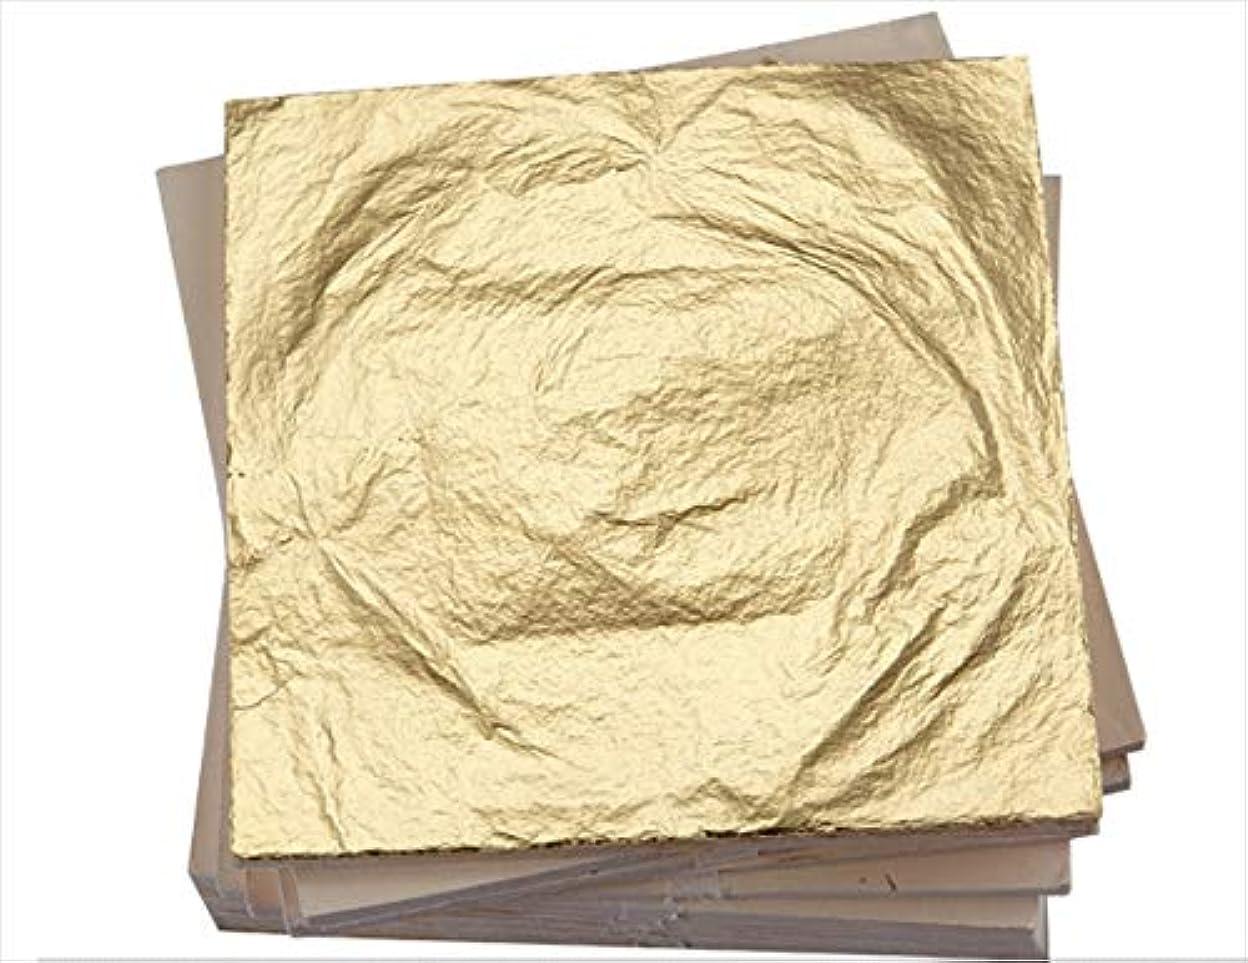 コーナー助けになる成人期箔シート 金箔 フェイク ゴールド ゴールドリーフ 日本画用 工作用 ネイルチップ 14×14cm 100枚 (ゴールド)